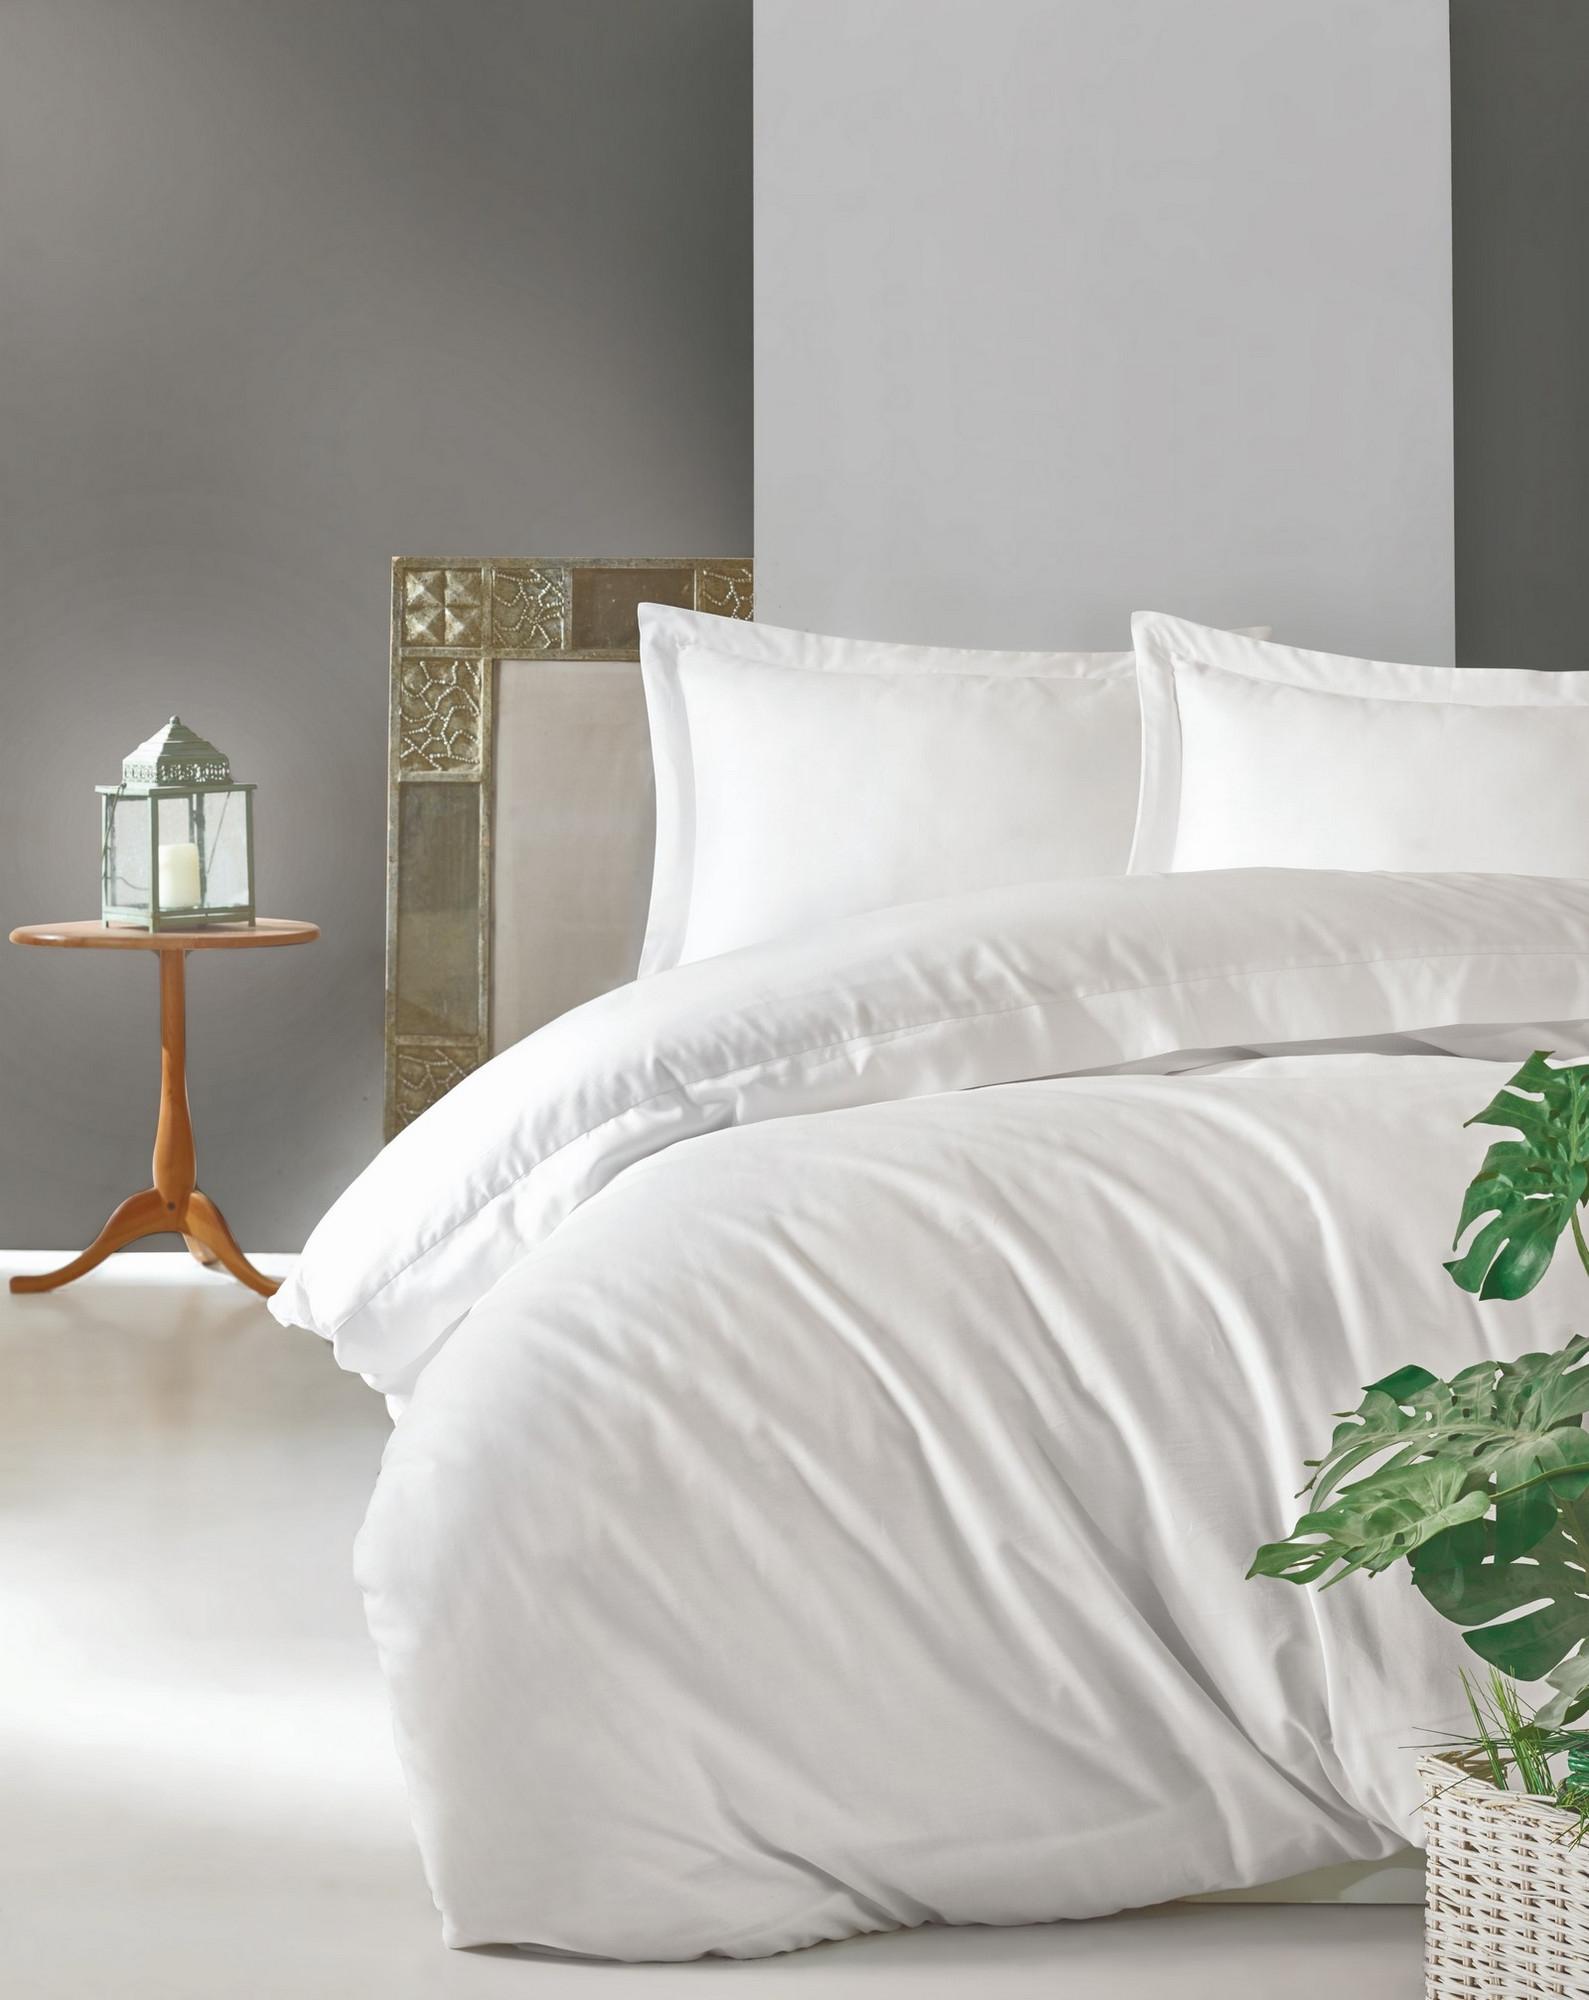 Lenjerie de pat din bumbac Satinat Premium Elegant Alb, 200 x 220 cm imagine